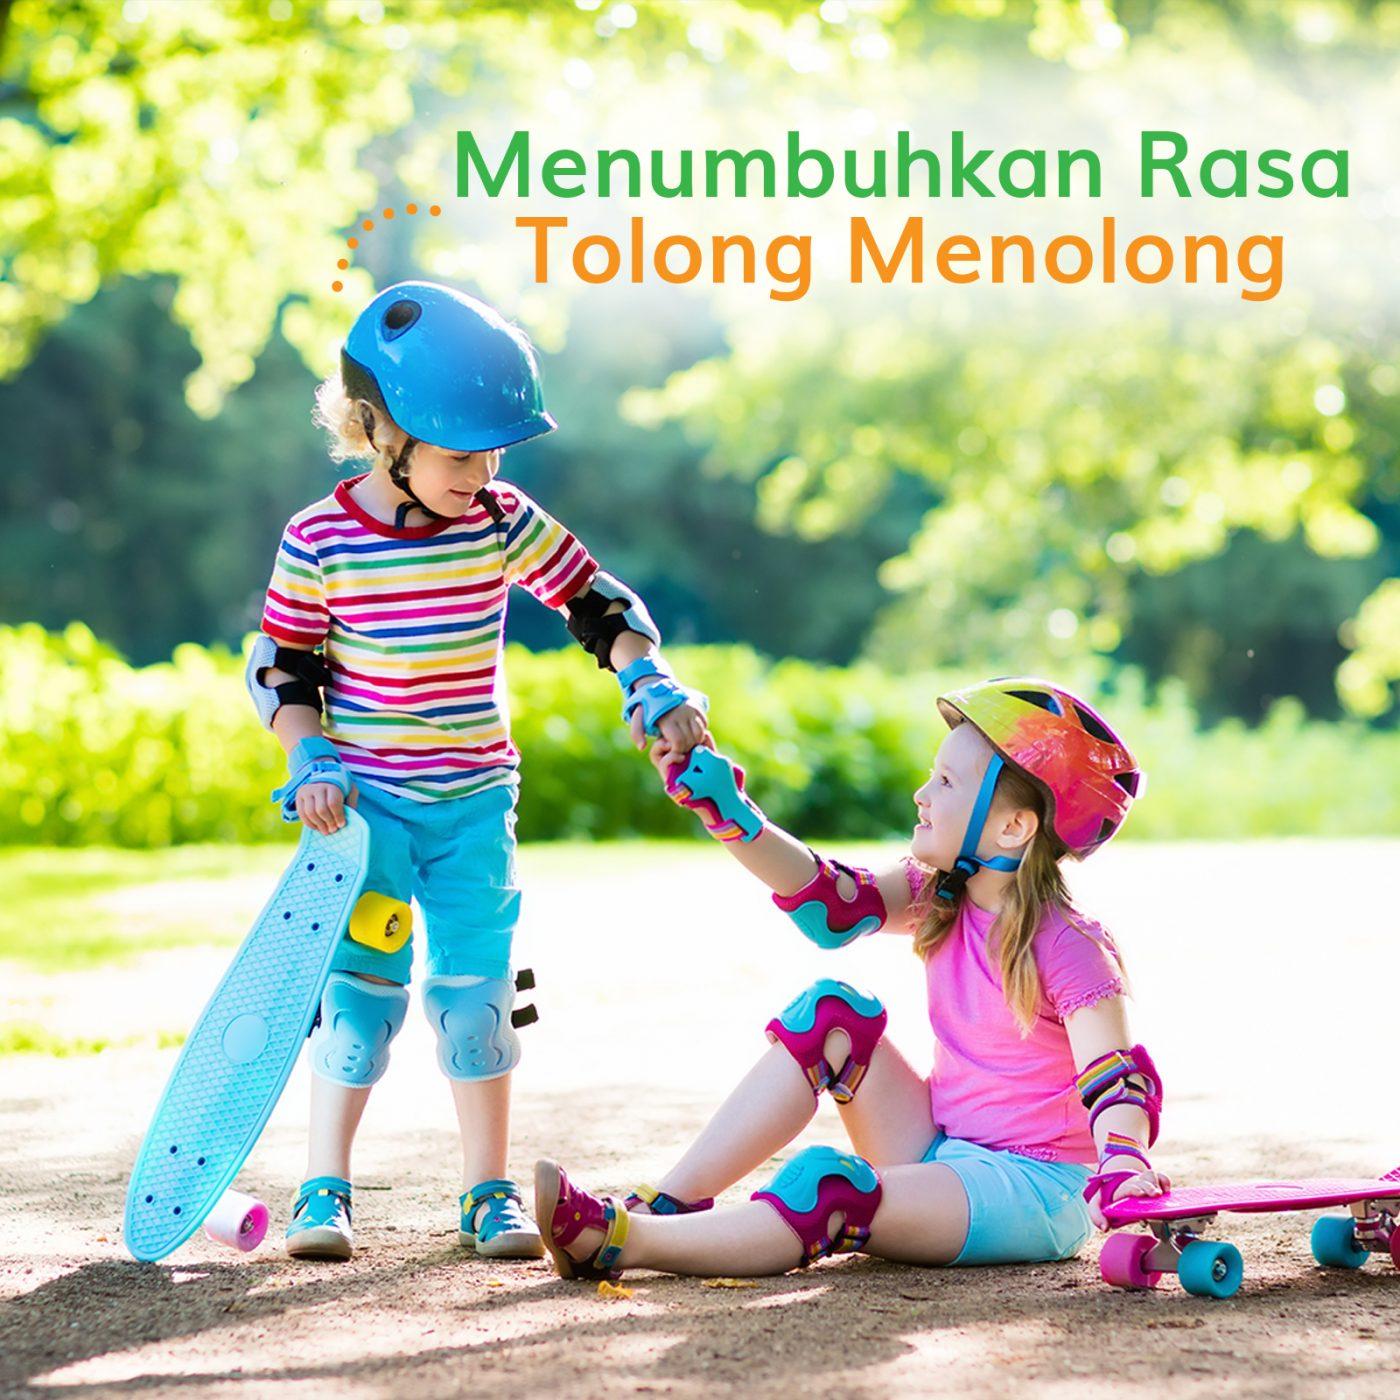 Image MENUMBUHKAN RASA TOLONG MENOLONG